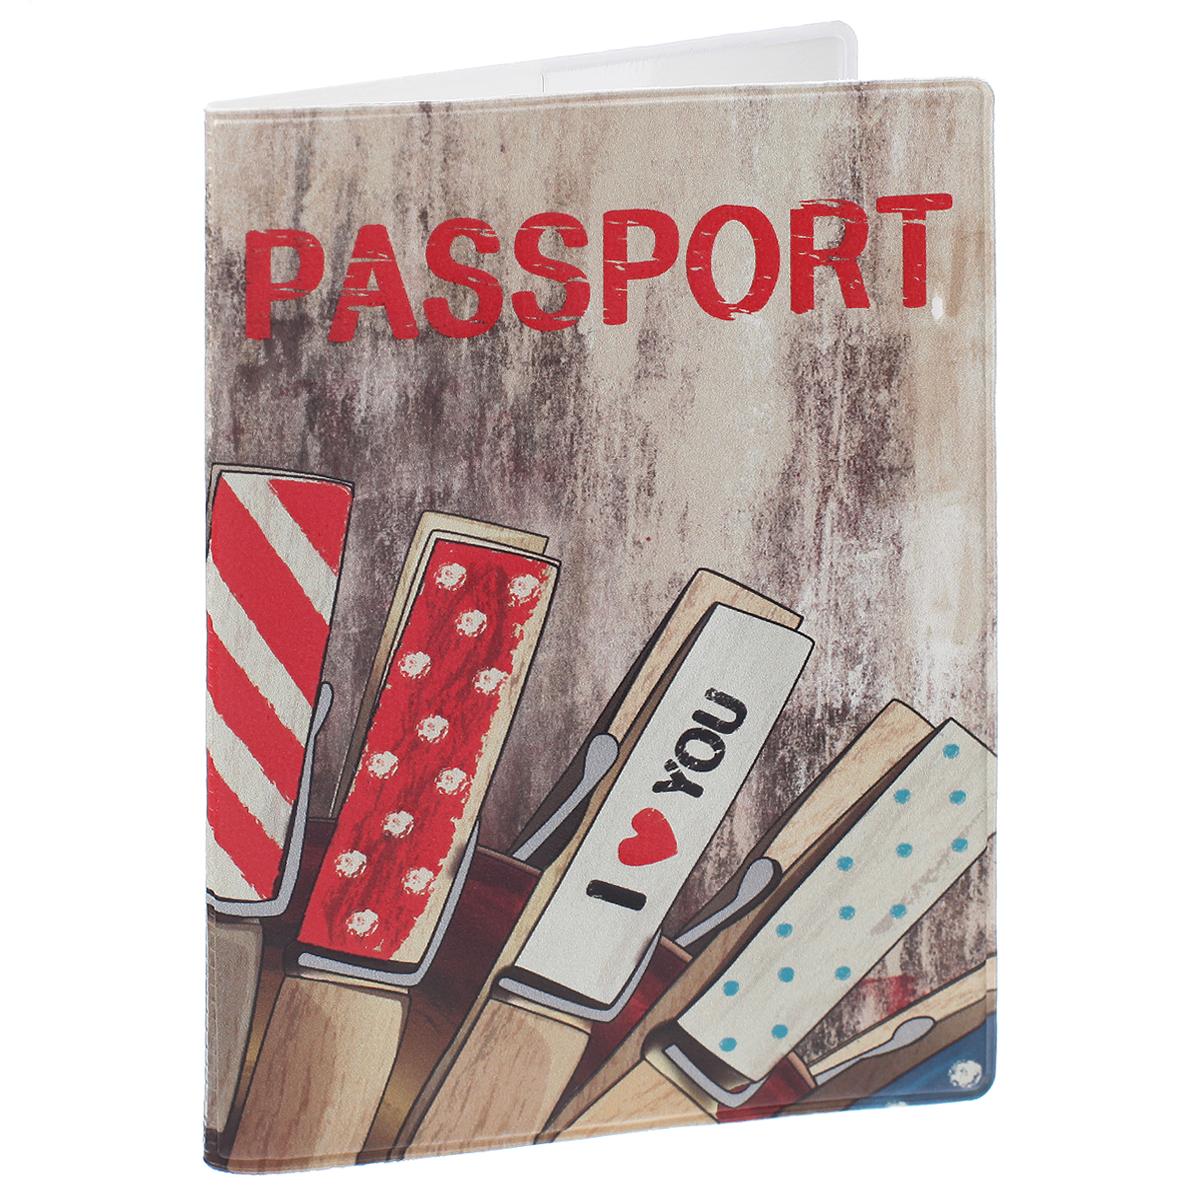 Обложка для паспорта I love you, цвет: коричневый, красный. 35671510Обложка для паспорта I love you не только поможет сохранить внешний вид ваших документов и защитить их от повреждений, но и станет стильным аксессуаром, идеально подходящим вашему образу. Обложка выполнена из поливинилхлорида и оформлена оригинальным изображением с надписью I love you. Внутри имеет два вертикальных кармана из прозрачного пластика. Такая обложка поможет вам подчеркнуть свою индивидуальность и неповторимость!